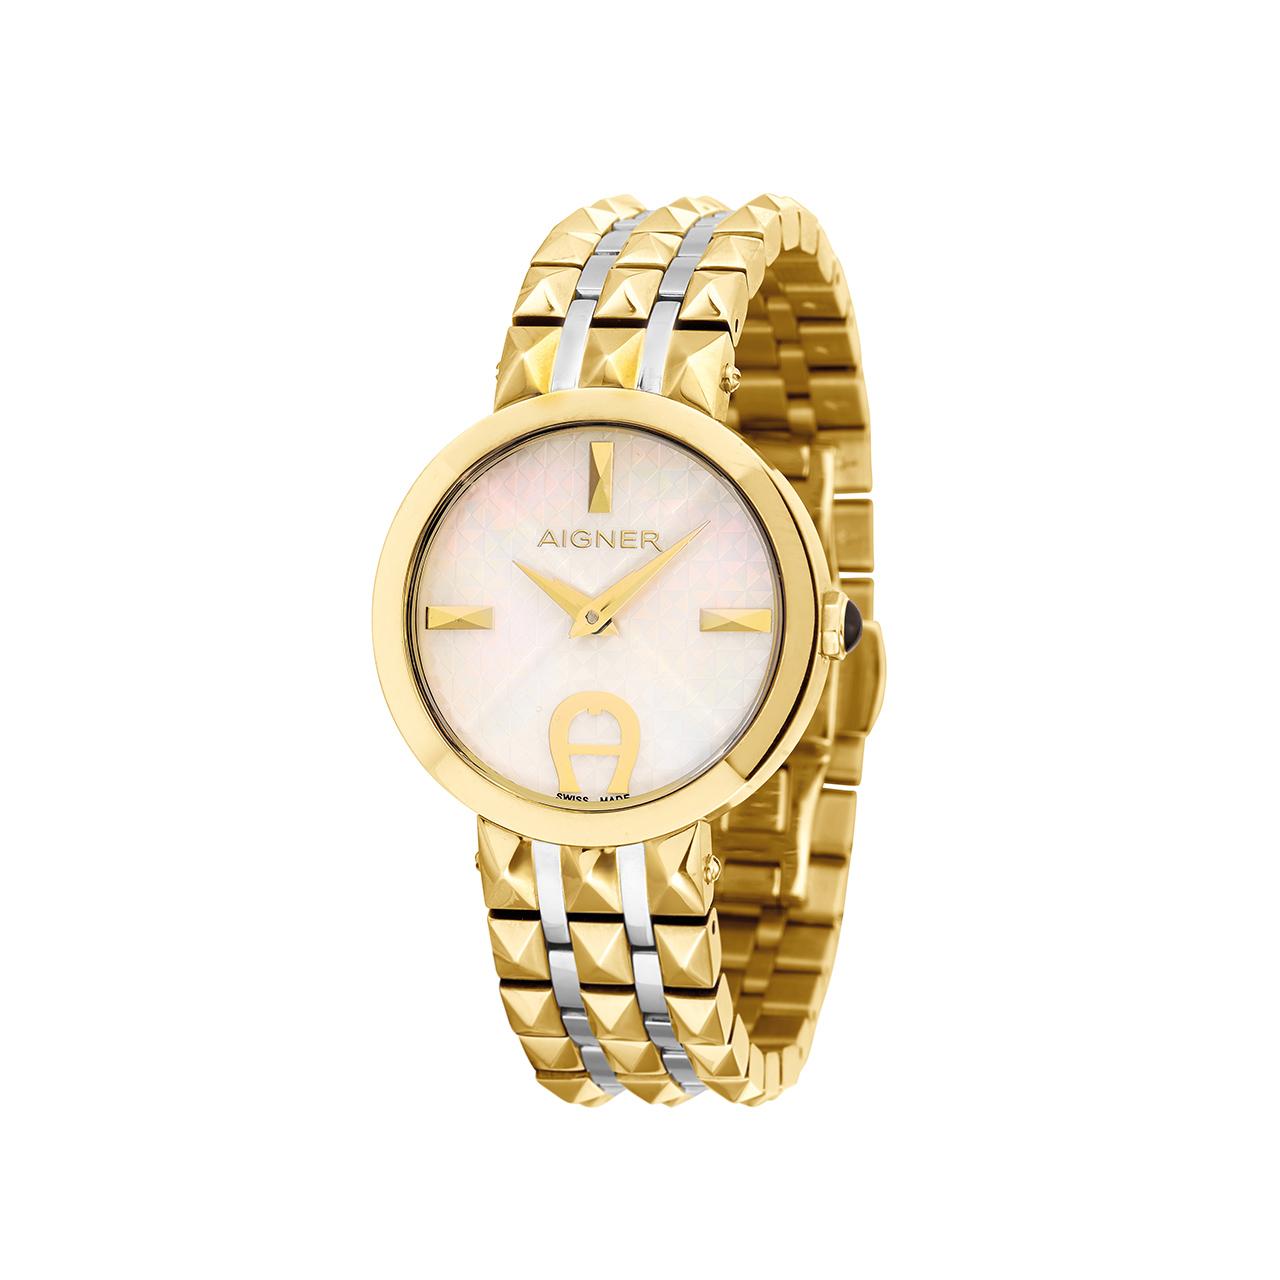 ساعت مچی عقربه ای زنانه اگنر مدل A13216